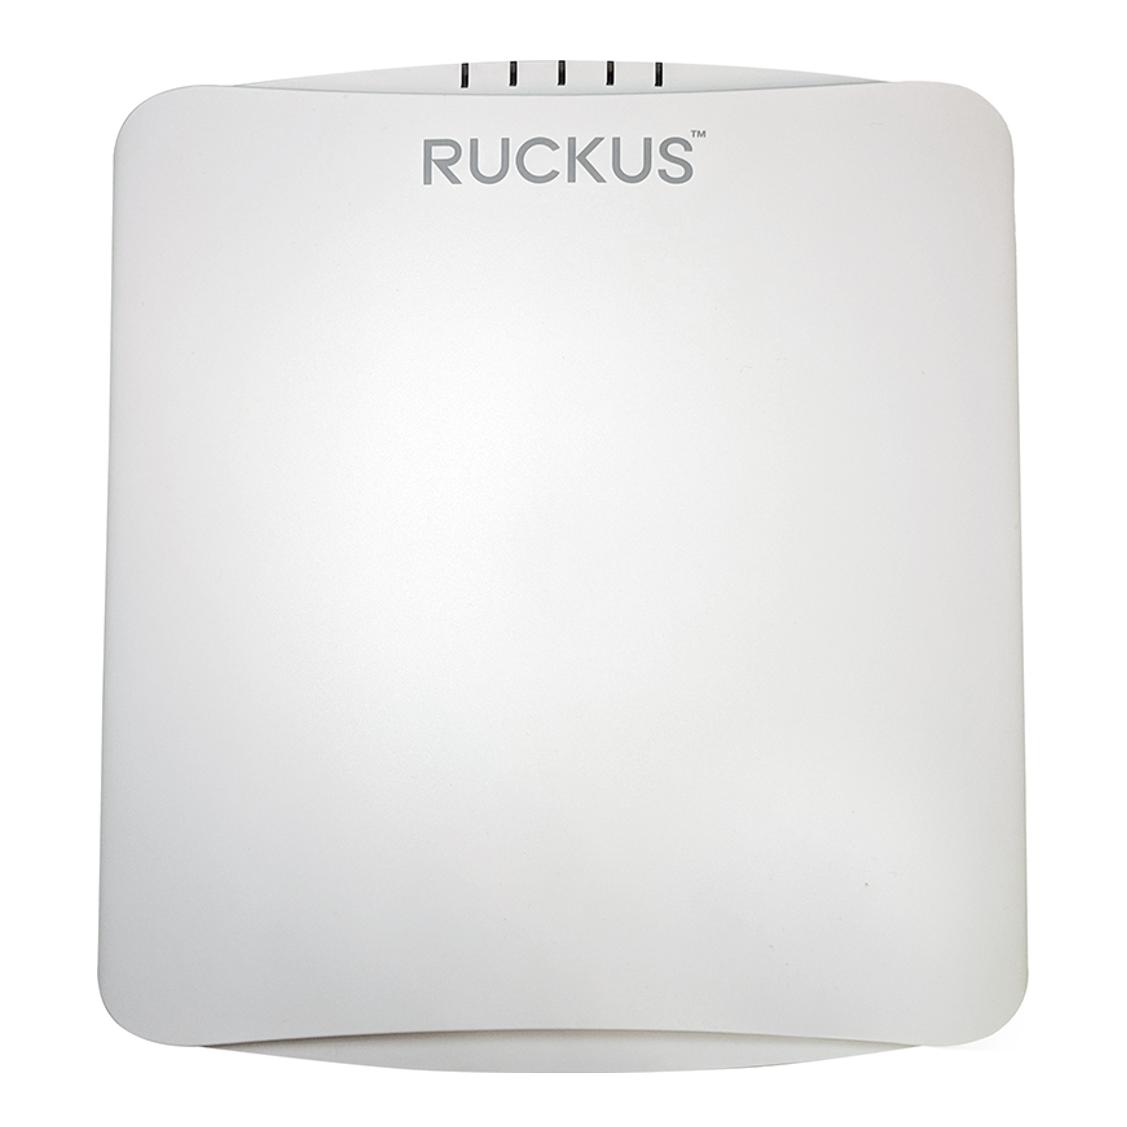 Ruckus R750 Indoor Access Point